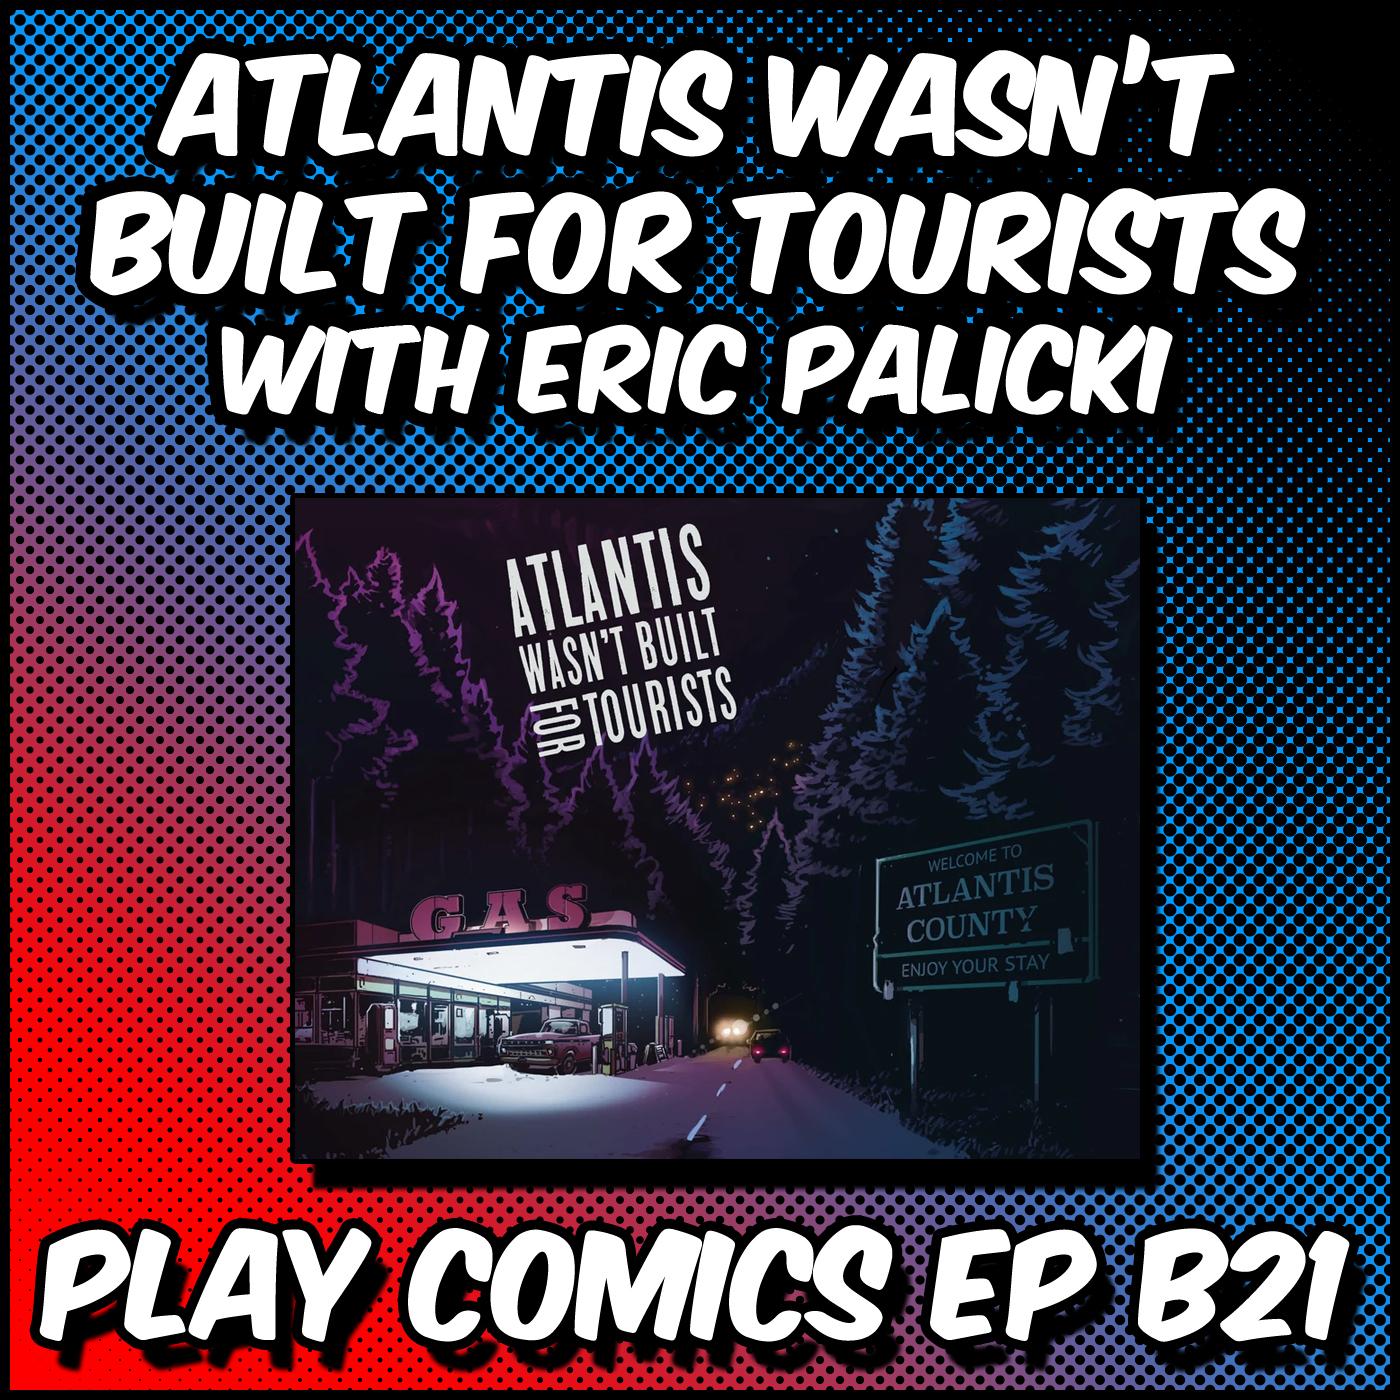 Atlantis Wasn't Built for Tourists with Erik Palicki